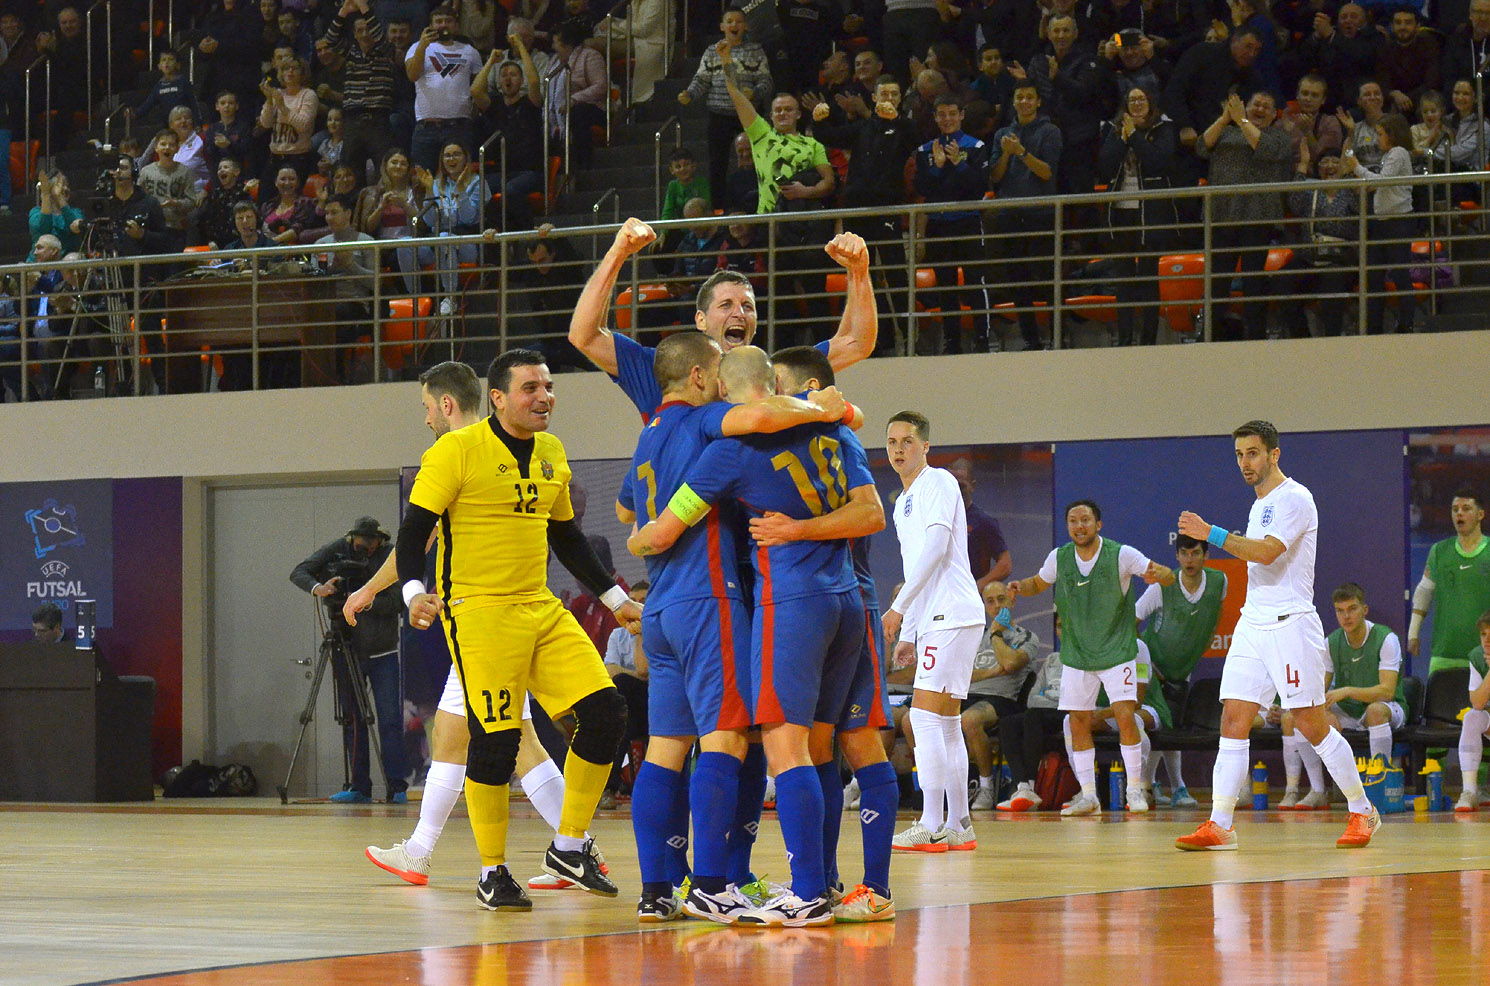 Naționala Moldovei de futsal a câștigat finala grupei H în fața Angliei